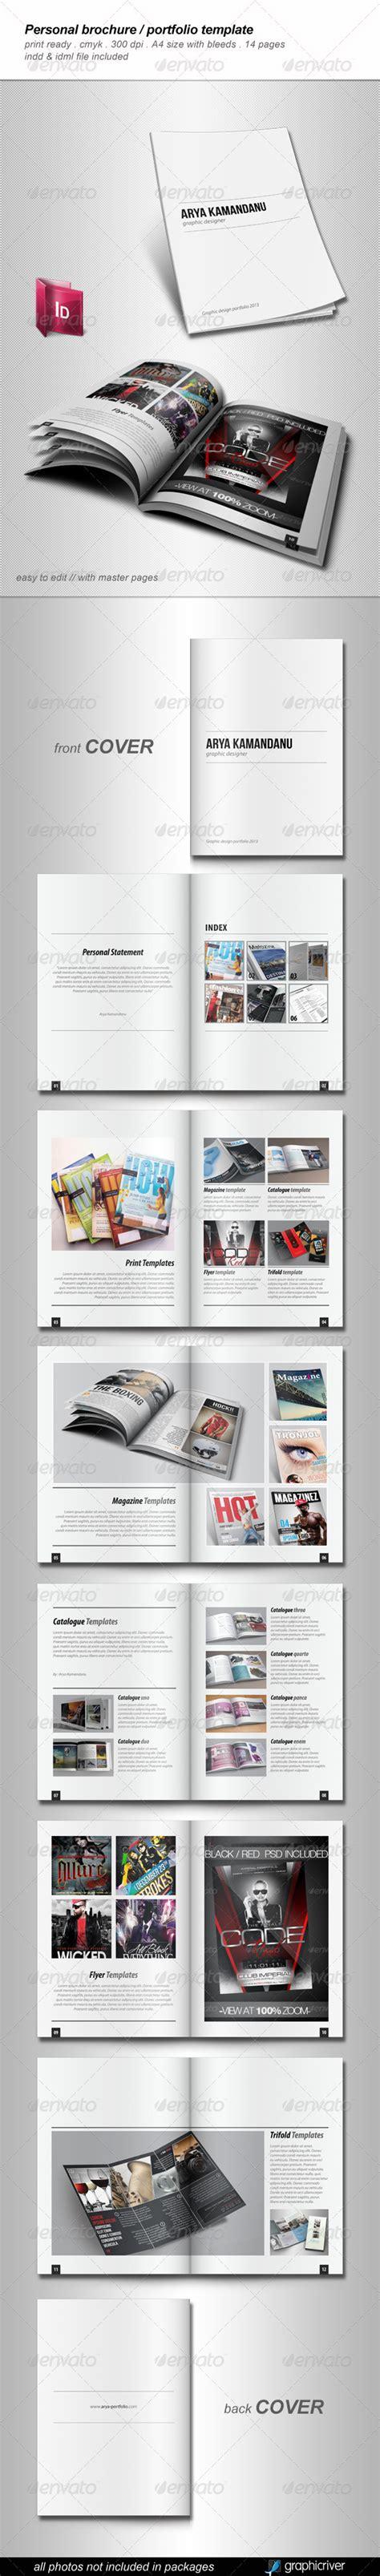 indesign a3 portfolio template 187 dondrup com